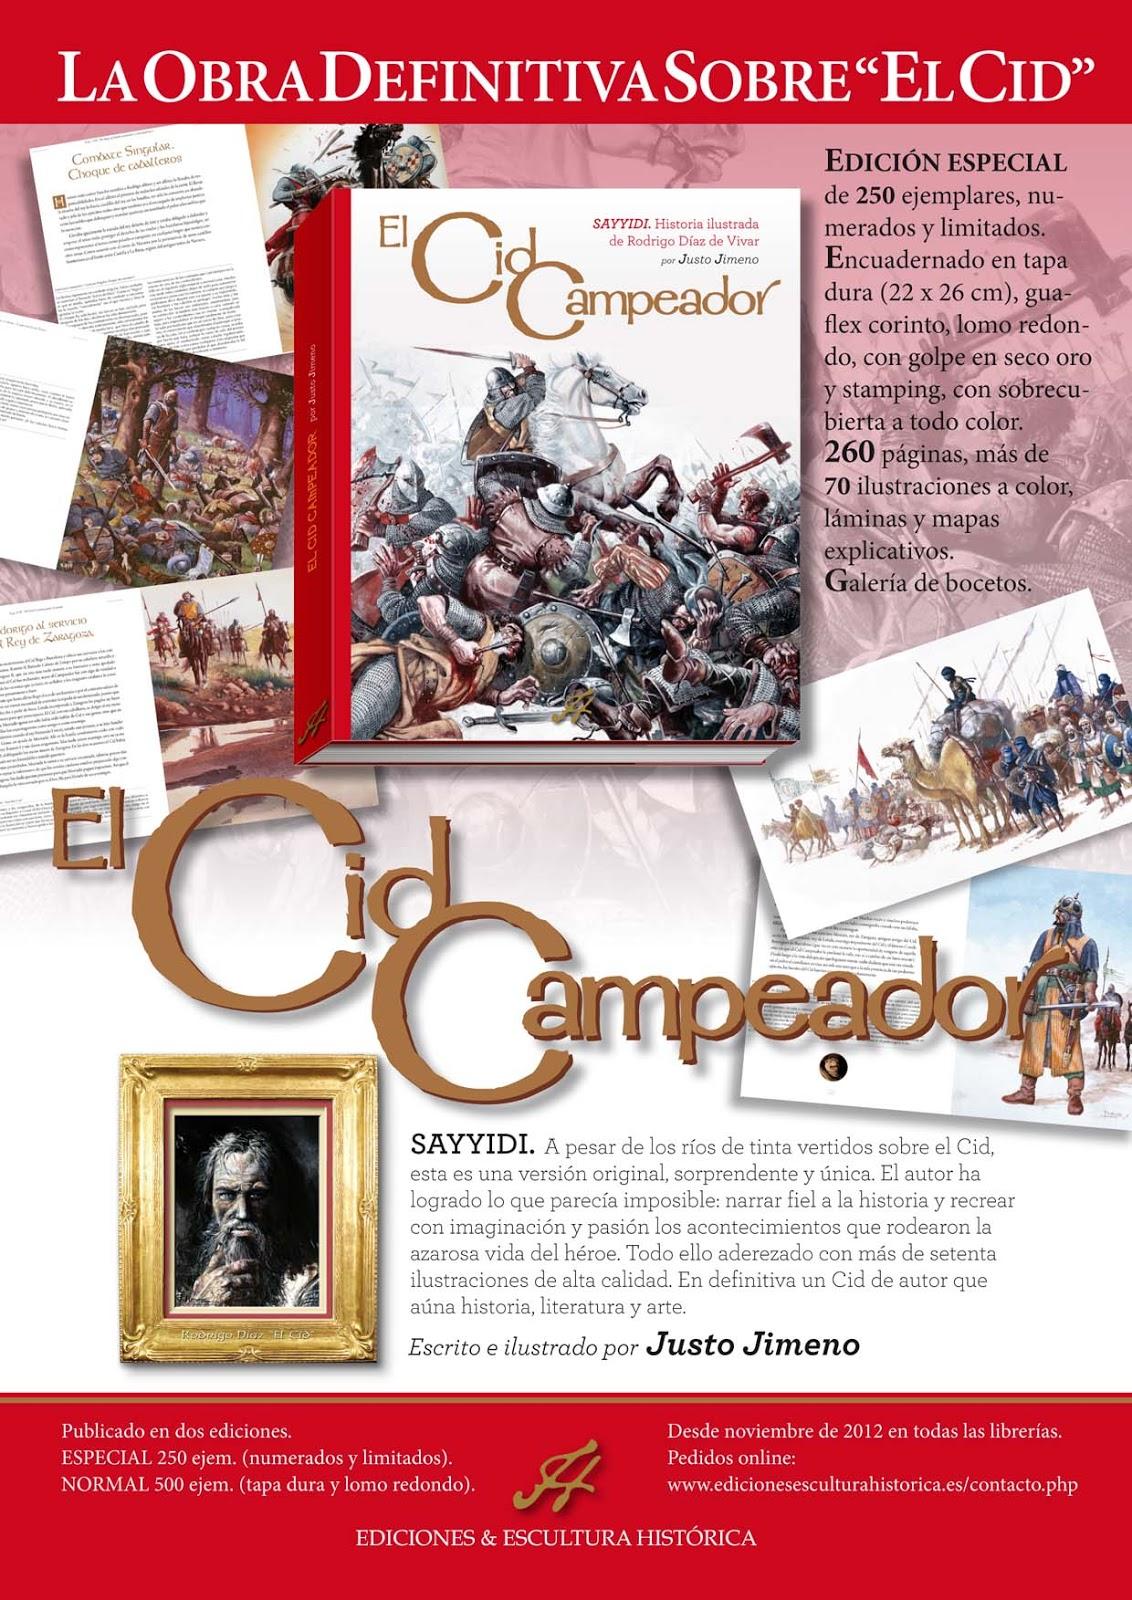 Por fin desde el pr ximo noviembre pod is adquirir el libro el cid campeador